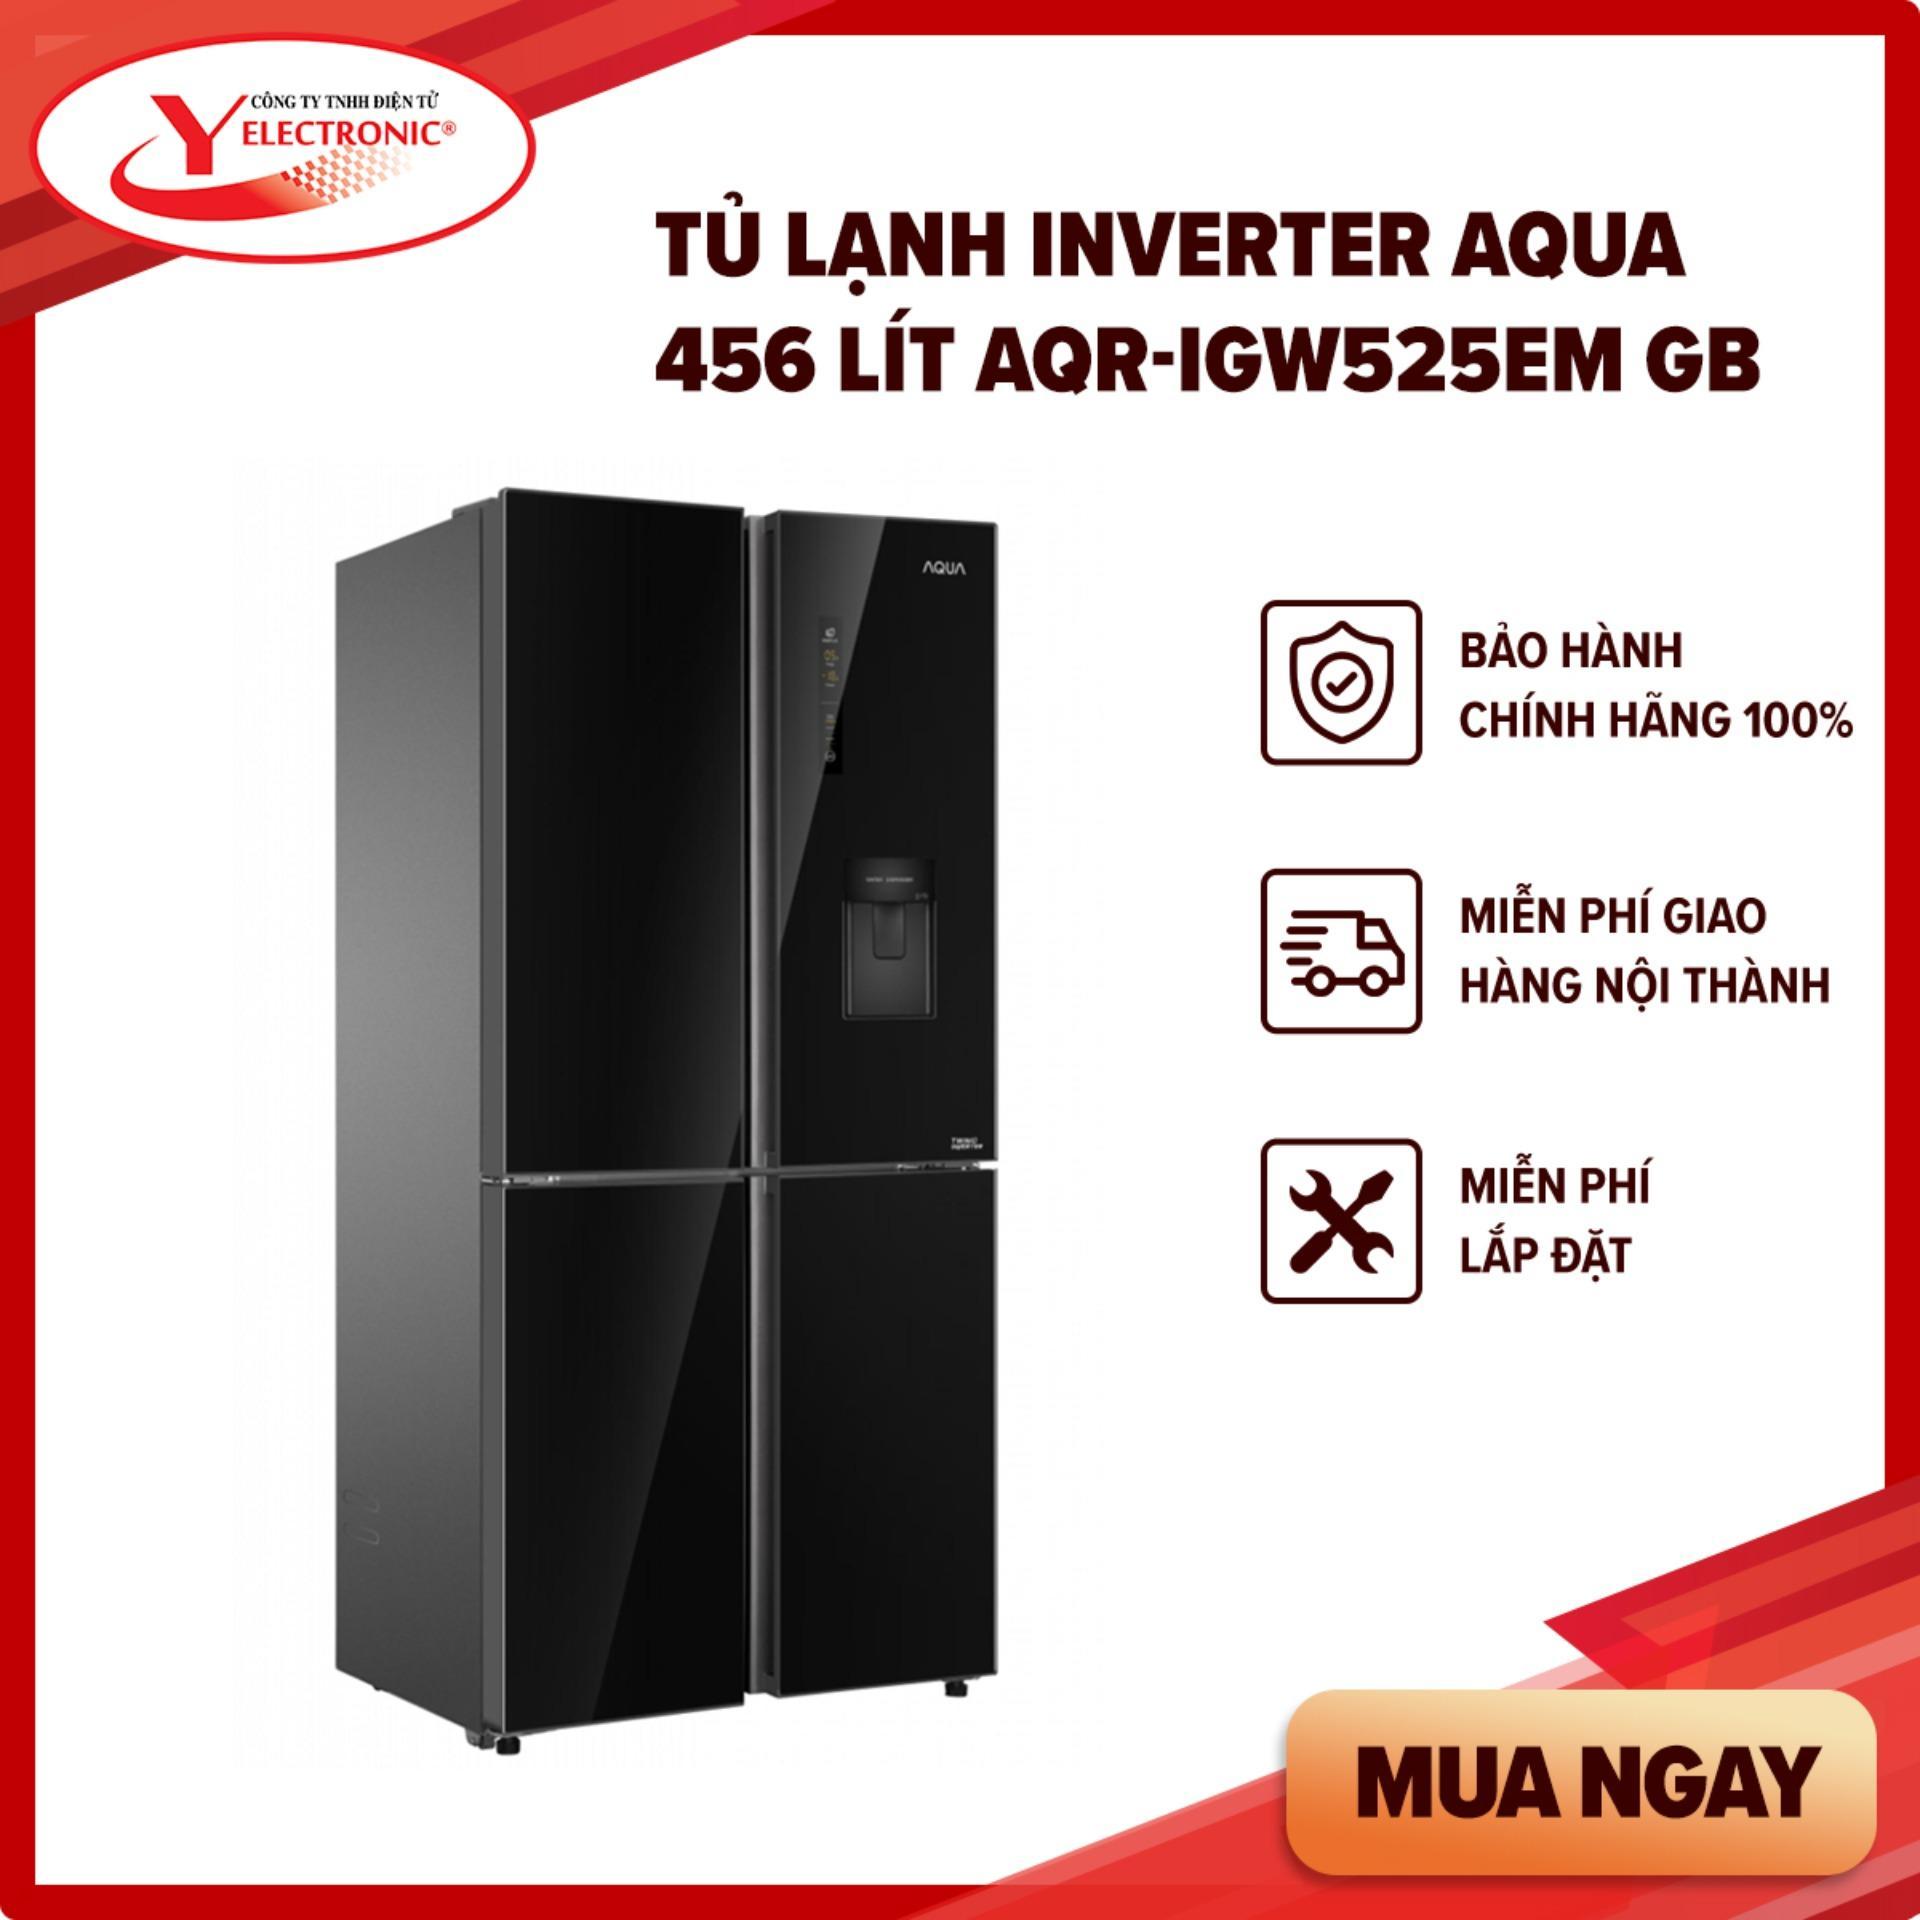 Bảng giá Tủ Lạnh Inverter Aqua 456 Lít AQR-IGW525EM GB Điện máy Pico